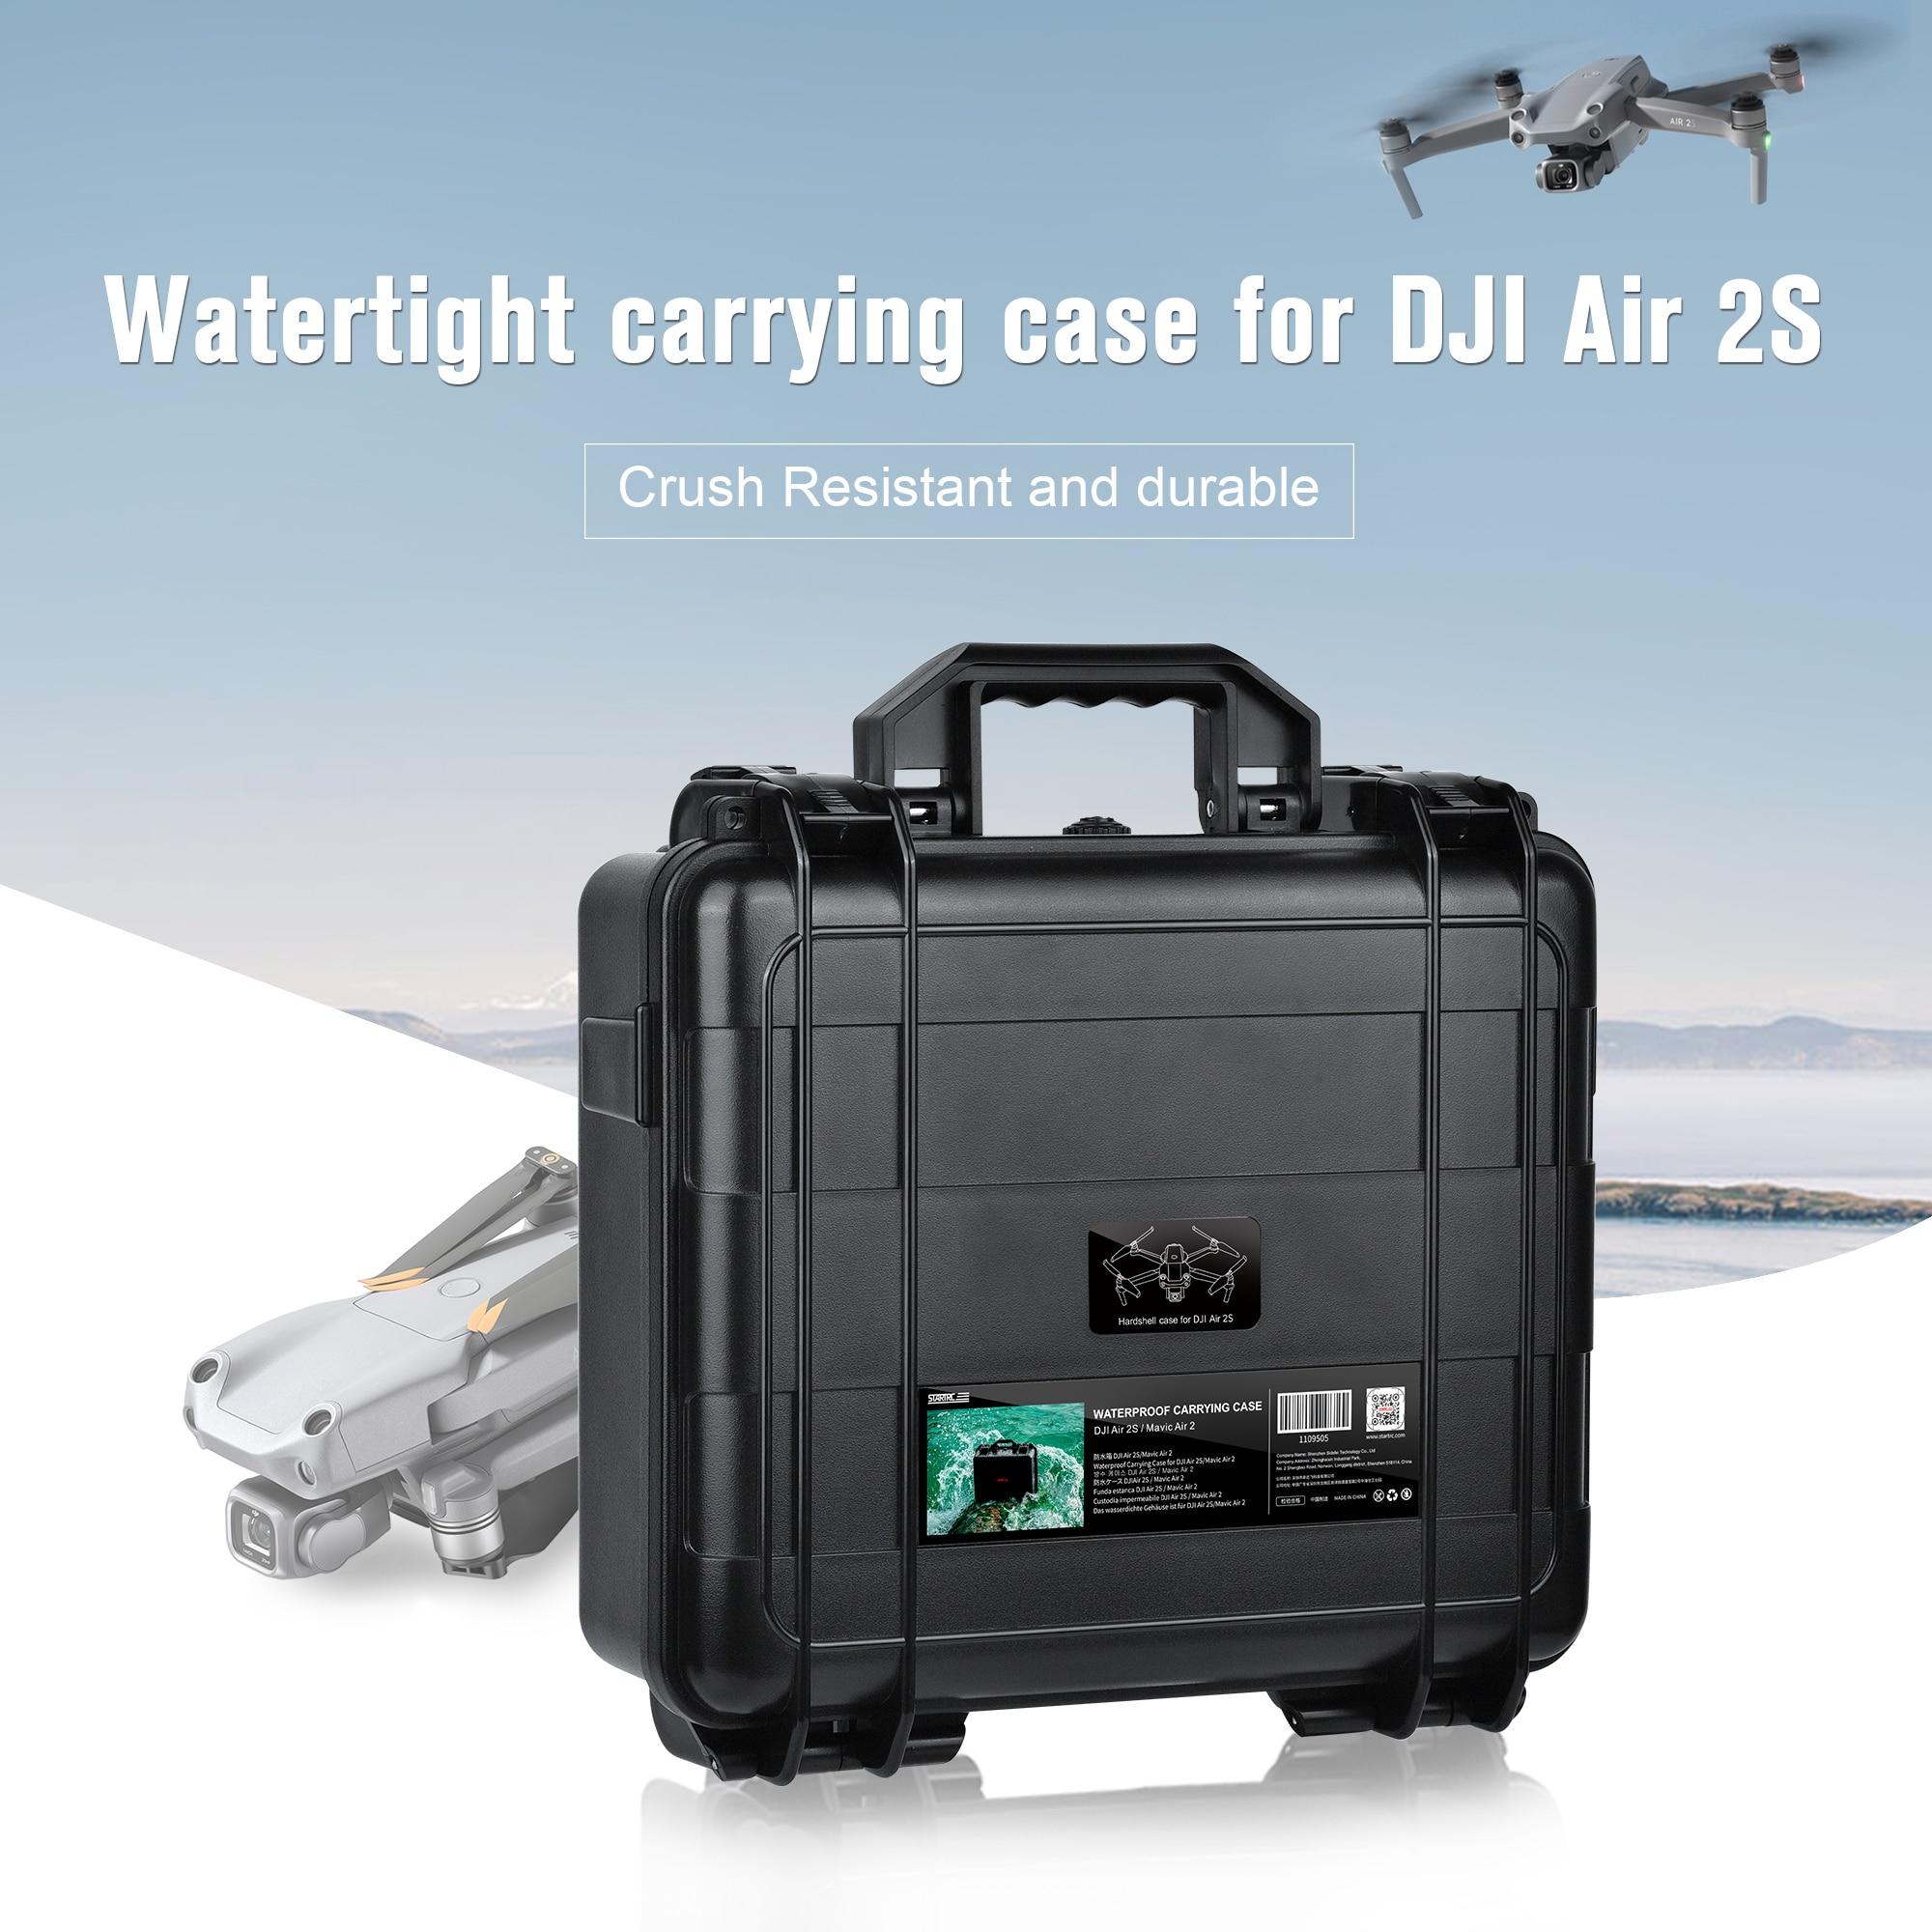 2s-almacenamiento-con-diseno-de-concha-estuche-de-transporte-caja-de-abs-impermeable-maleta-explosion-bolsa-a-prueba-para-dji-mavic-aire-2s-drone-accesorios